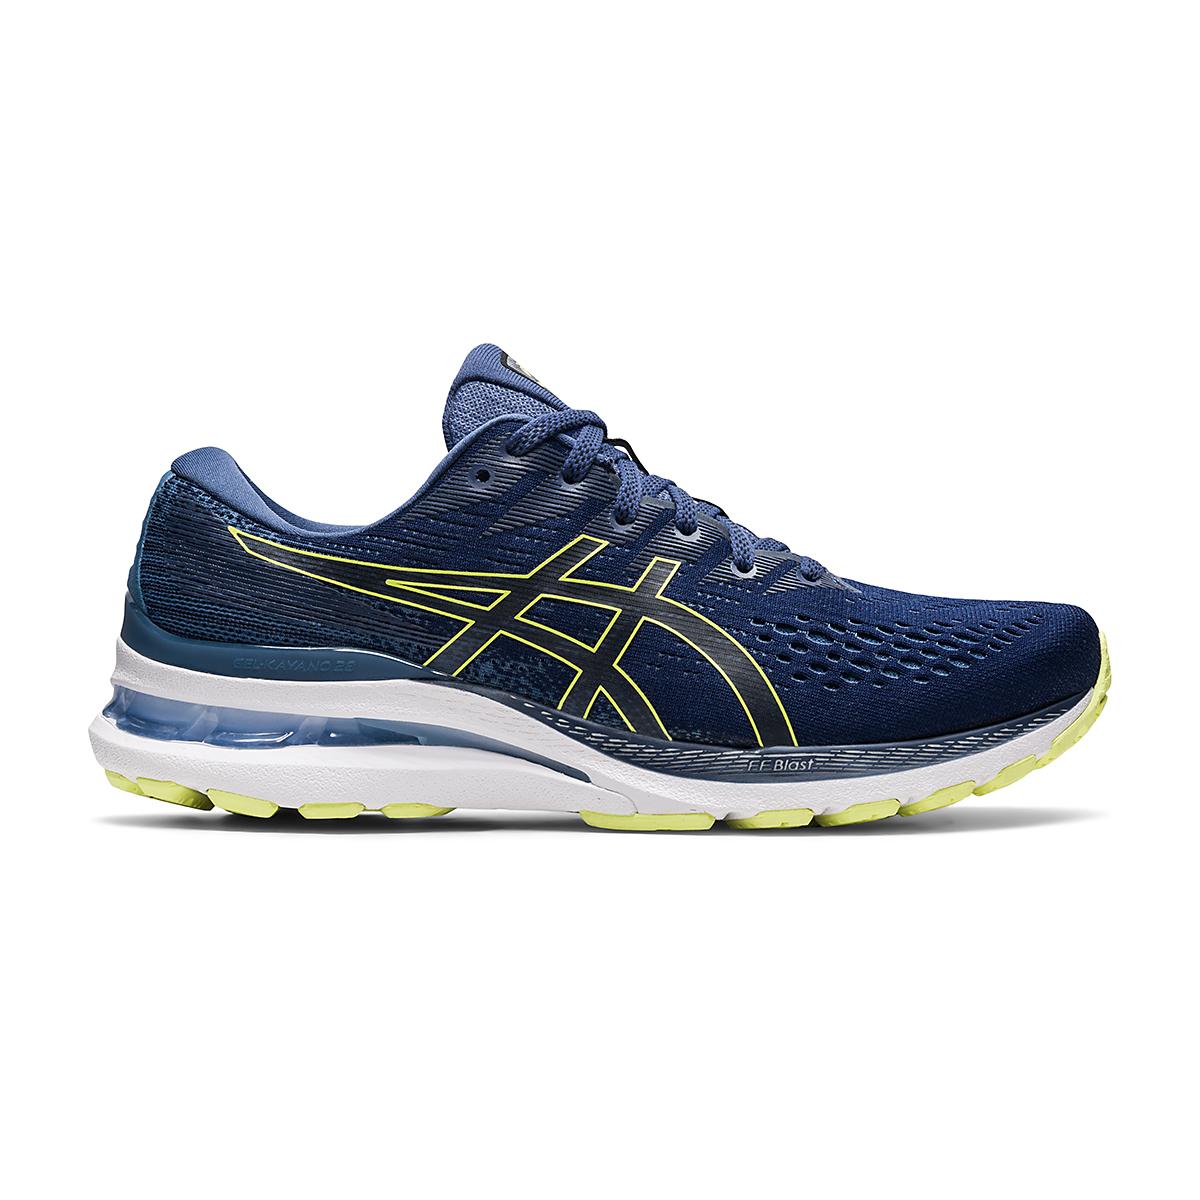 Men's Asics Gel-Kayano 28 Running Shoe - Color: Thunder Blue/Glow Yellow - Size: 7 - Width: Regular, Thunder Blue/Glow Yellow, large, image 1